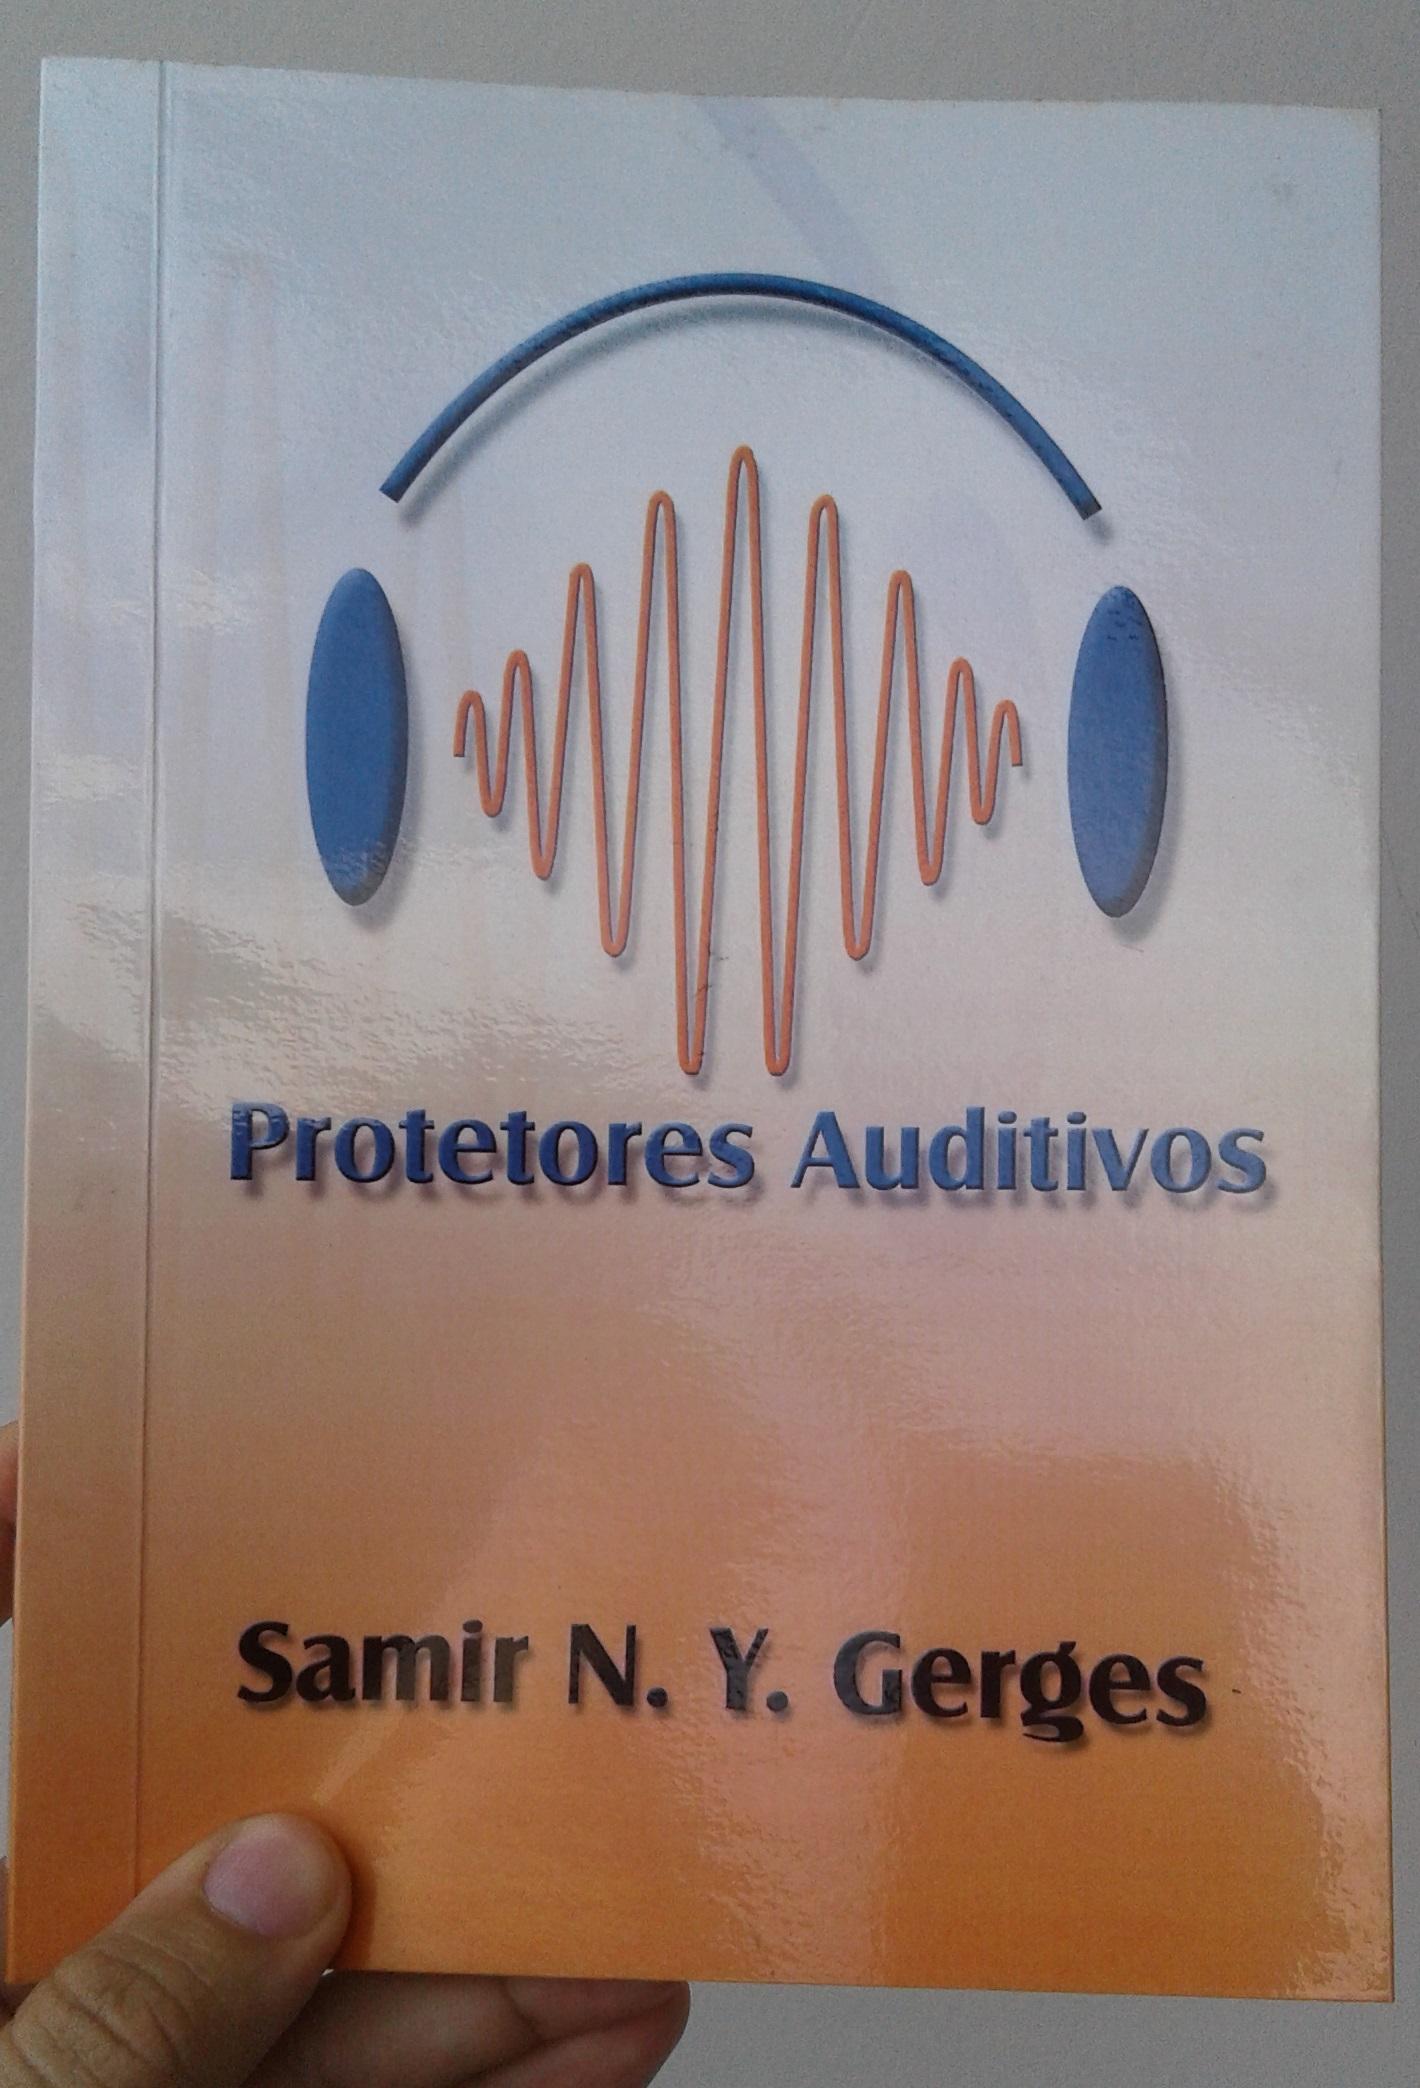 Protetores Auditivos